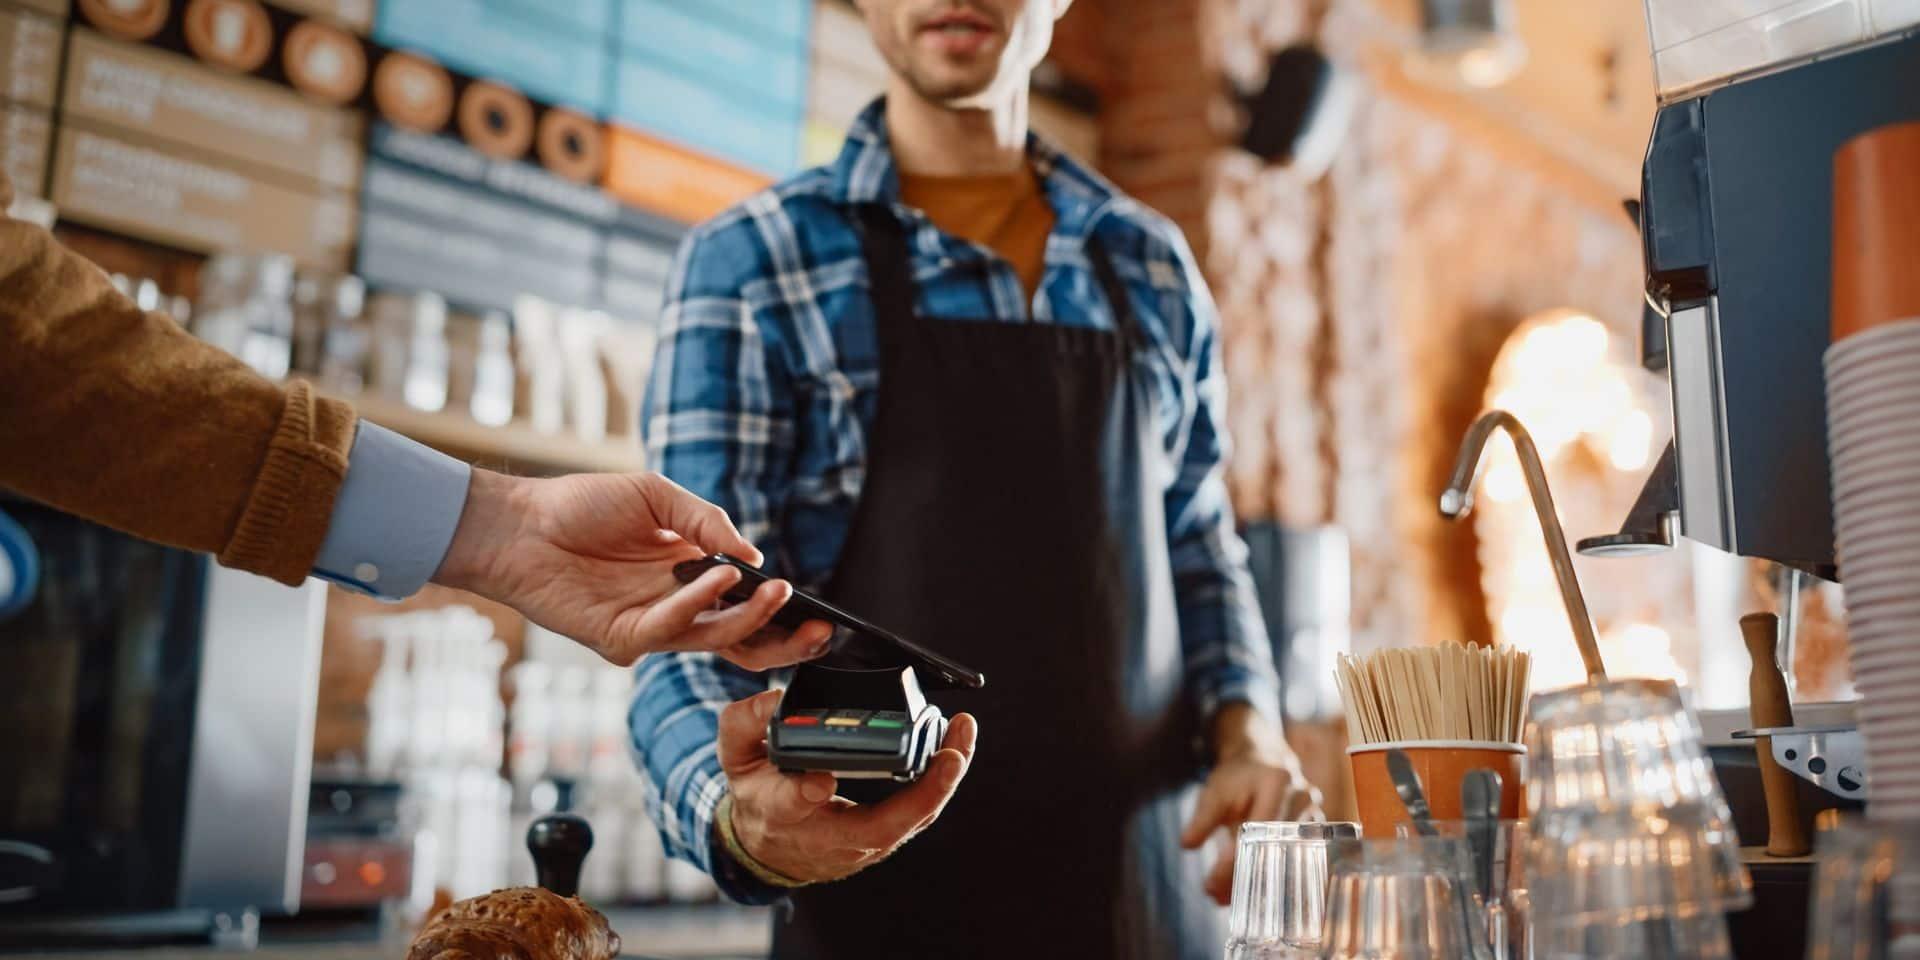 Pour la première fois, 51% de tous les paiements par carte en avril étaient sans contact